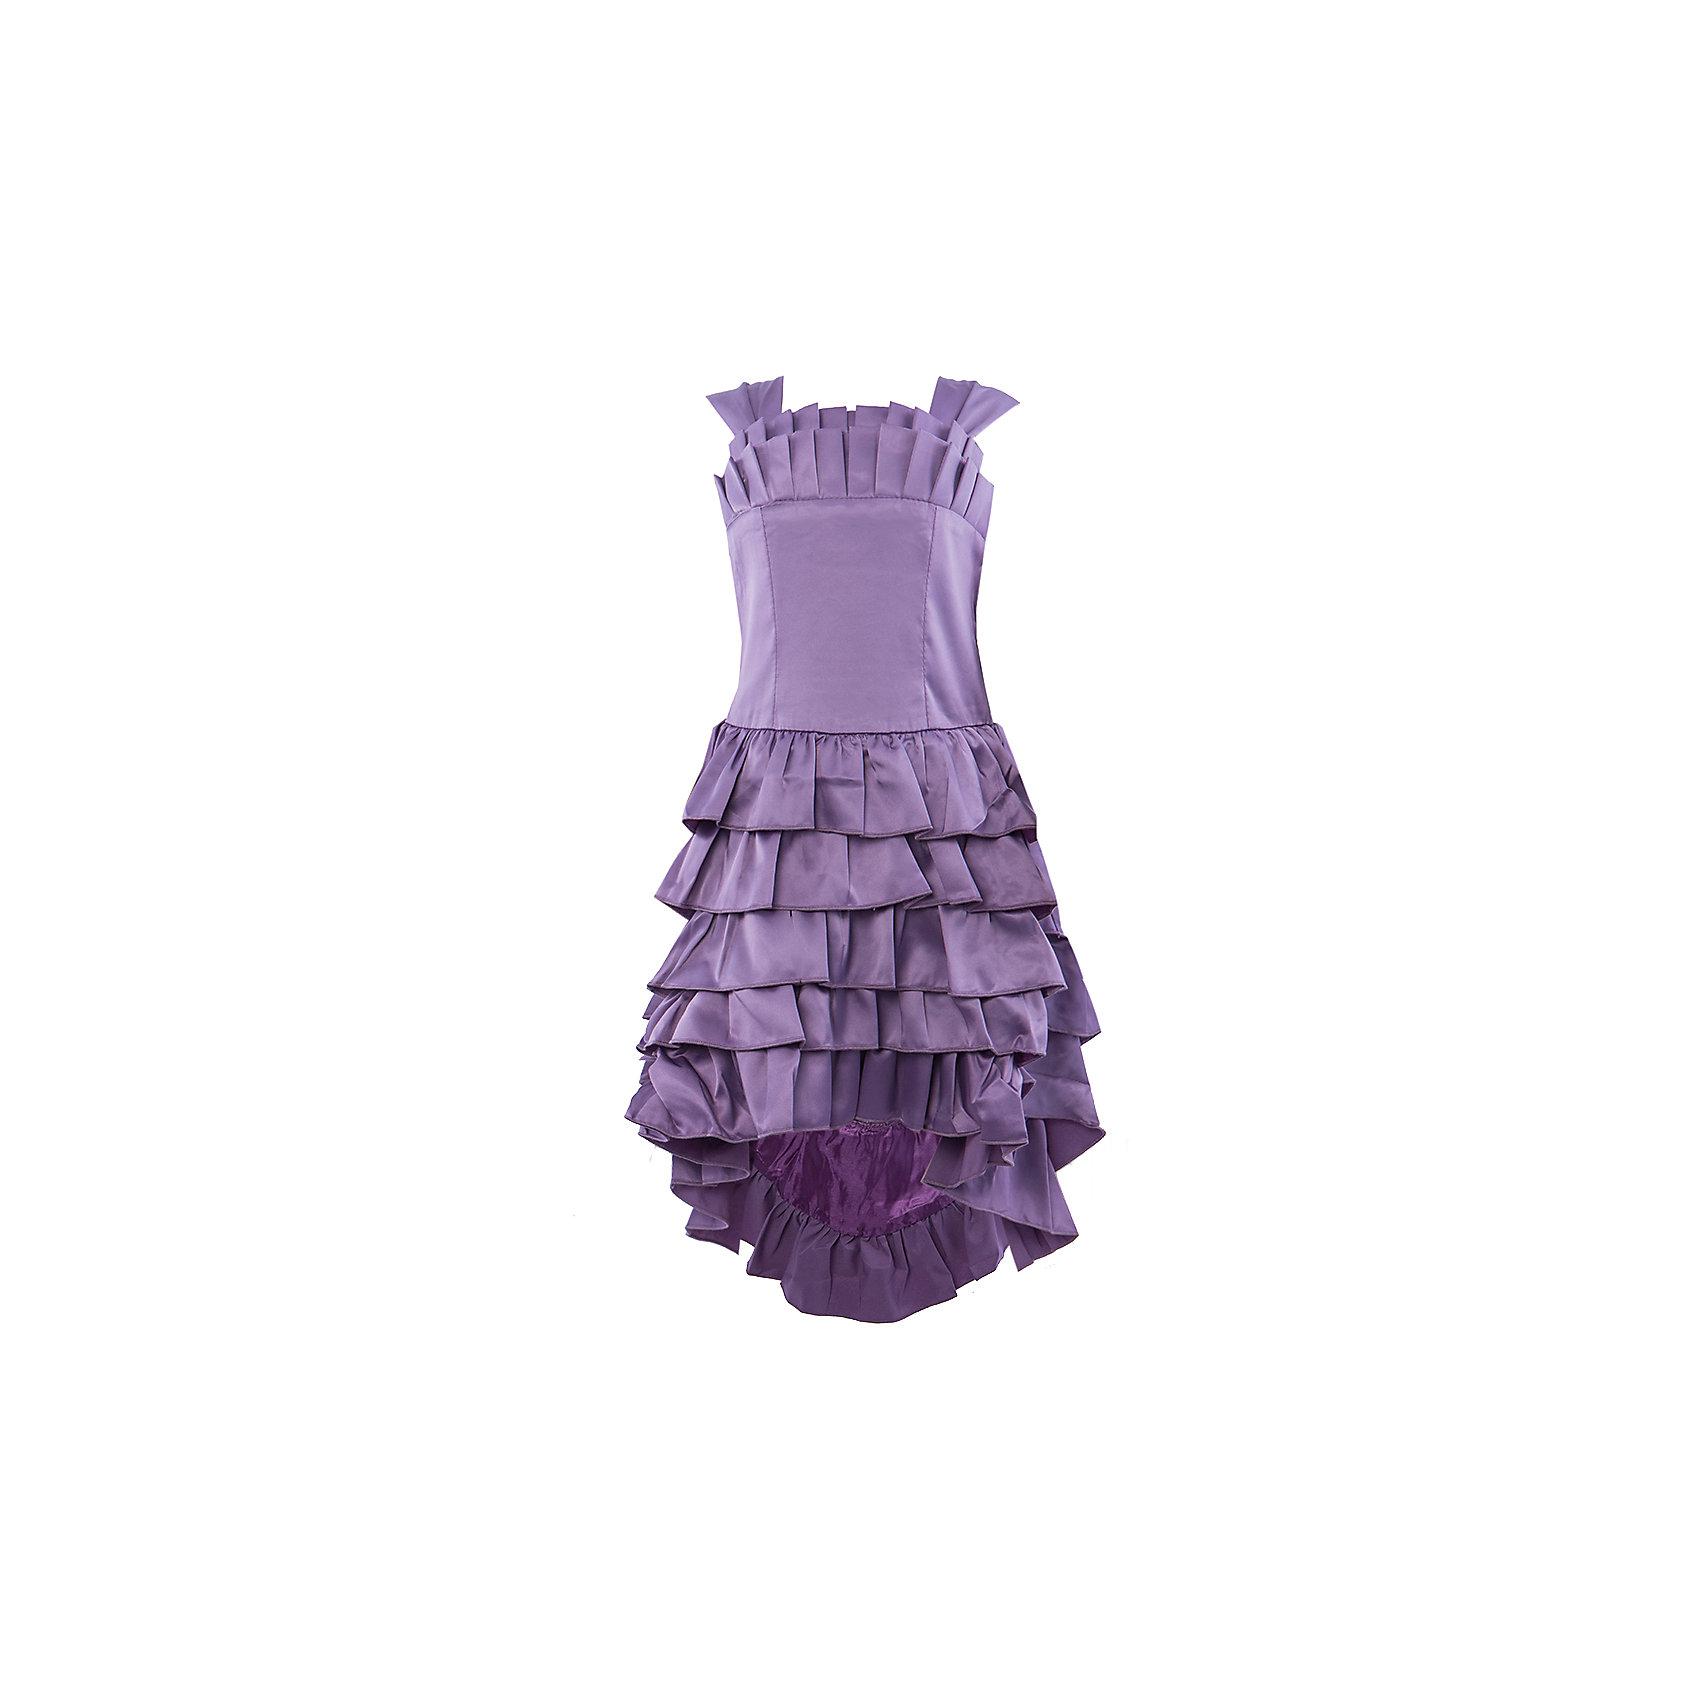 Платье ВенераНарядное платье для девочки со шлейфом. Юбка декорирована оборками.Спинка на резинке, платье подойдет на любую фигуру ребенка.<br><br>Ширина мм: 236<br>Глубина мм: 16<br>Высота мм: 184<br>Вес г: 177<br>Цвет: фиолетовый<br>Возраст от месяцев: 36<br>Возраст до месяцев: 48<br>Пол: Женский<br>Возраст: Детский<br>Размер: 98/104,116/122,104/110,110/116<br>SKU: 4388988